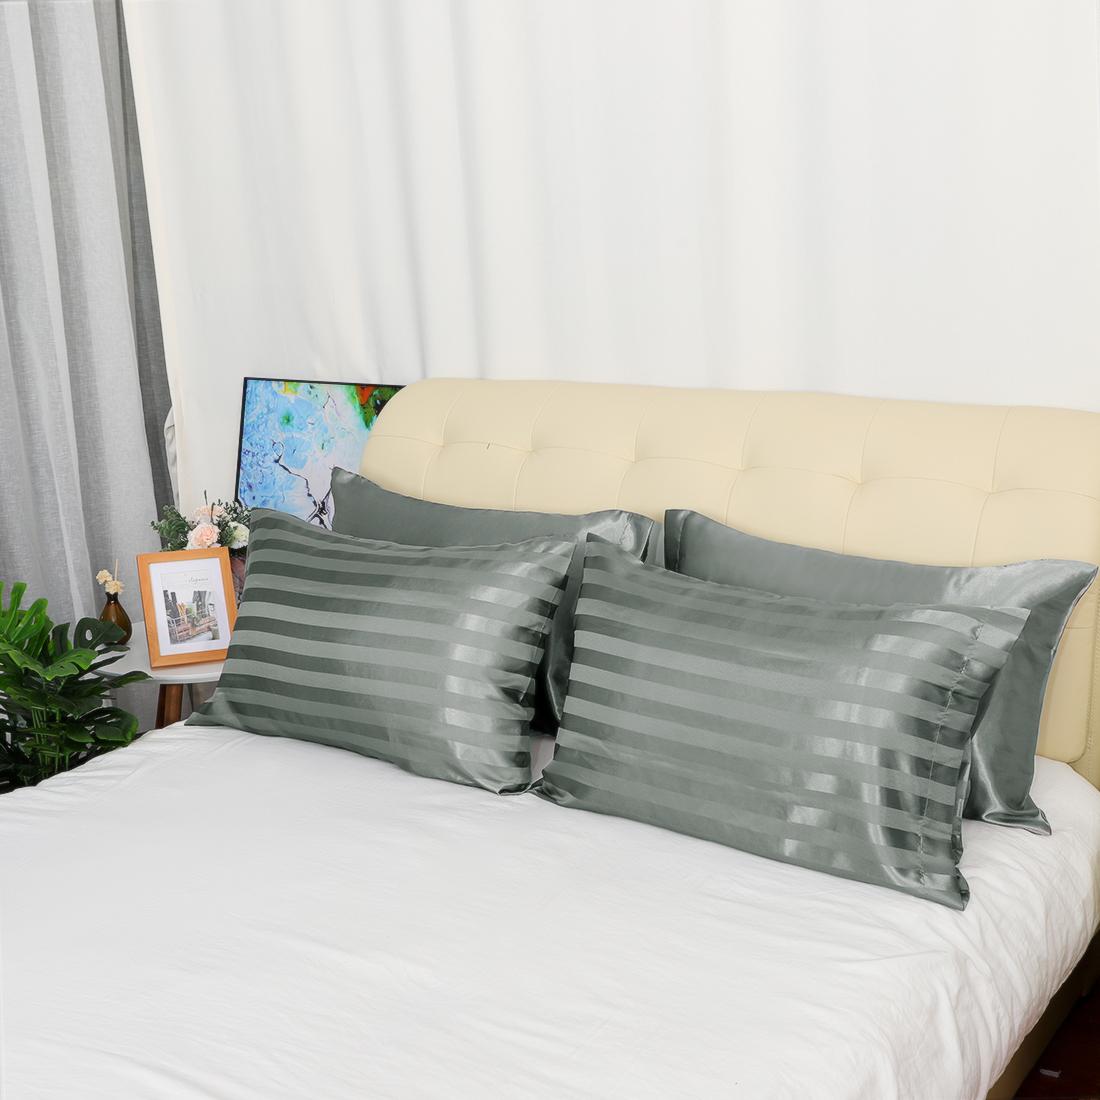 4-piezas-de-suave-saten-funda-de-almohada-mejor-para-el-cabello-y-cara-Estandar-fundas-de-almohada miniatura 16